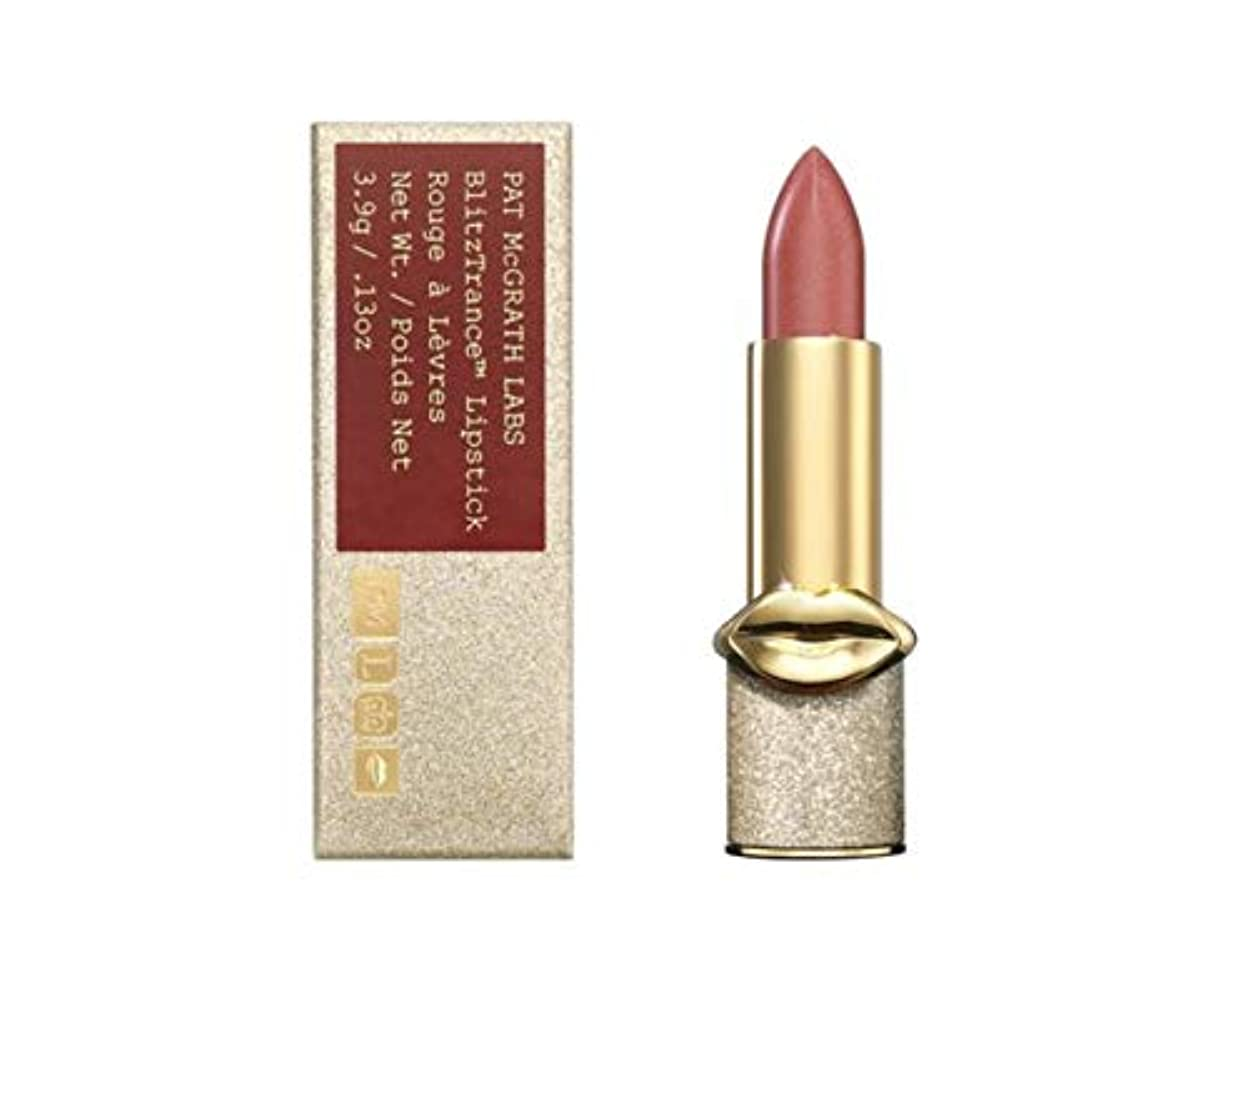 適用済み物足りないポジティブPAT MCGRATH LABS BlitzTrance™ Lipstick (Skin Flixx)